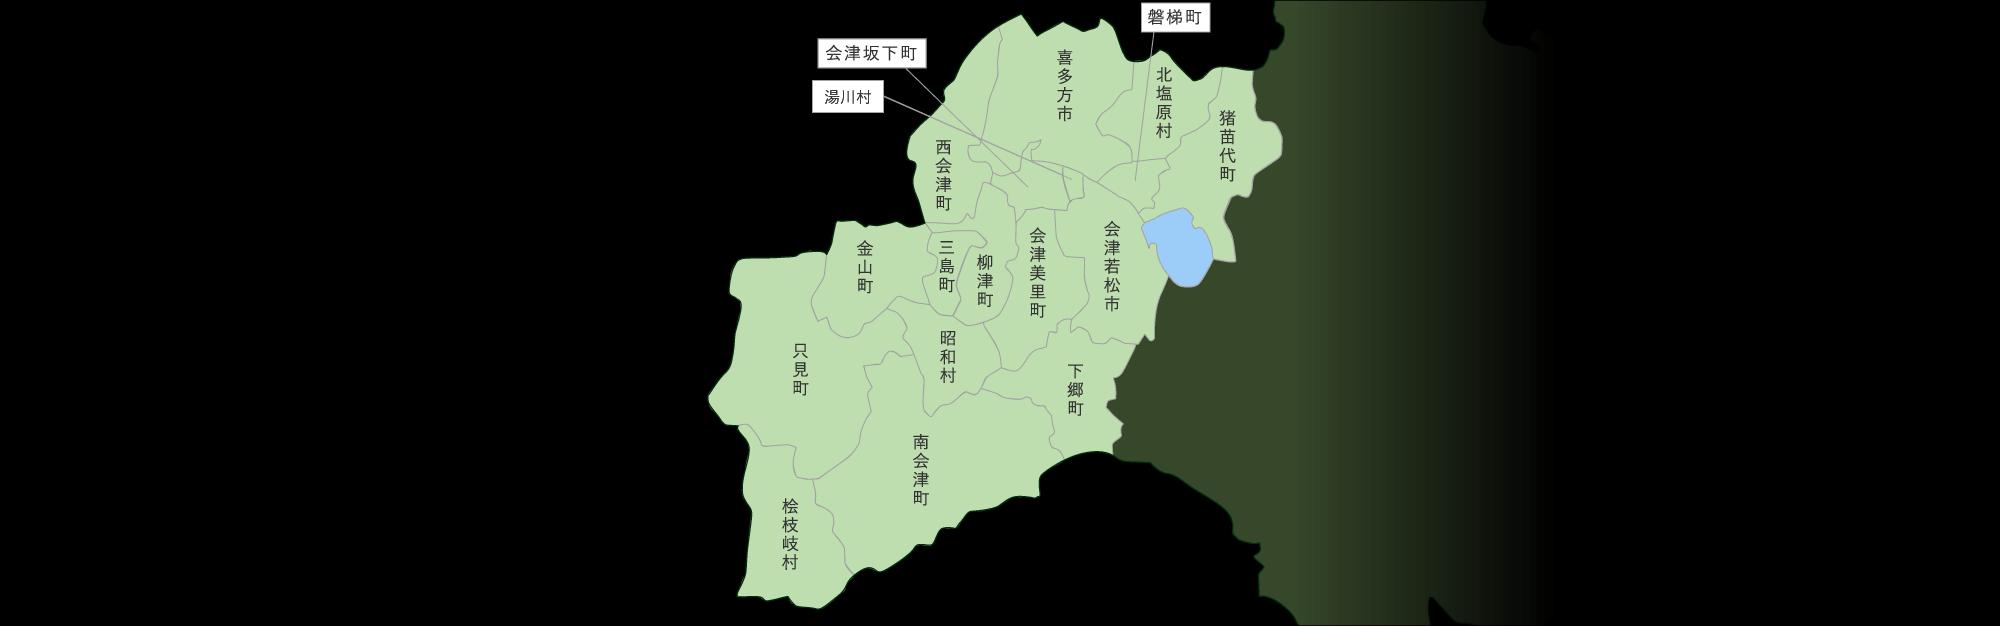 会津地方マップ